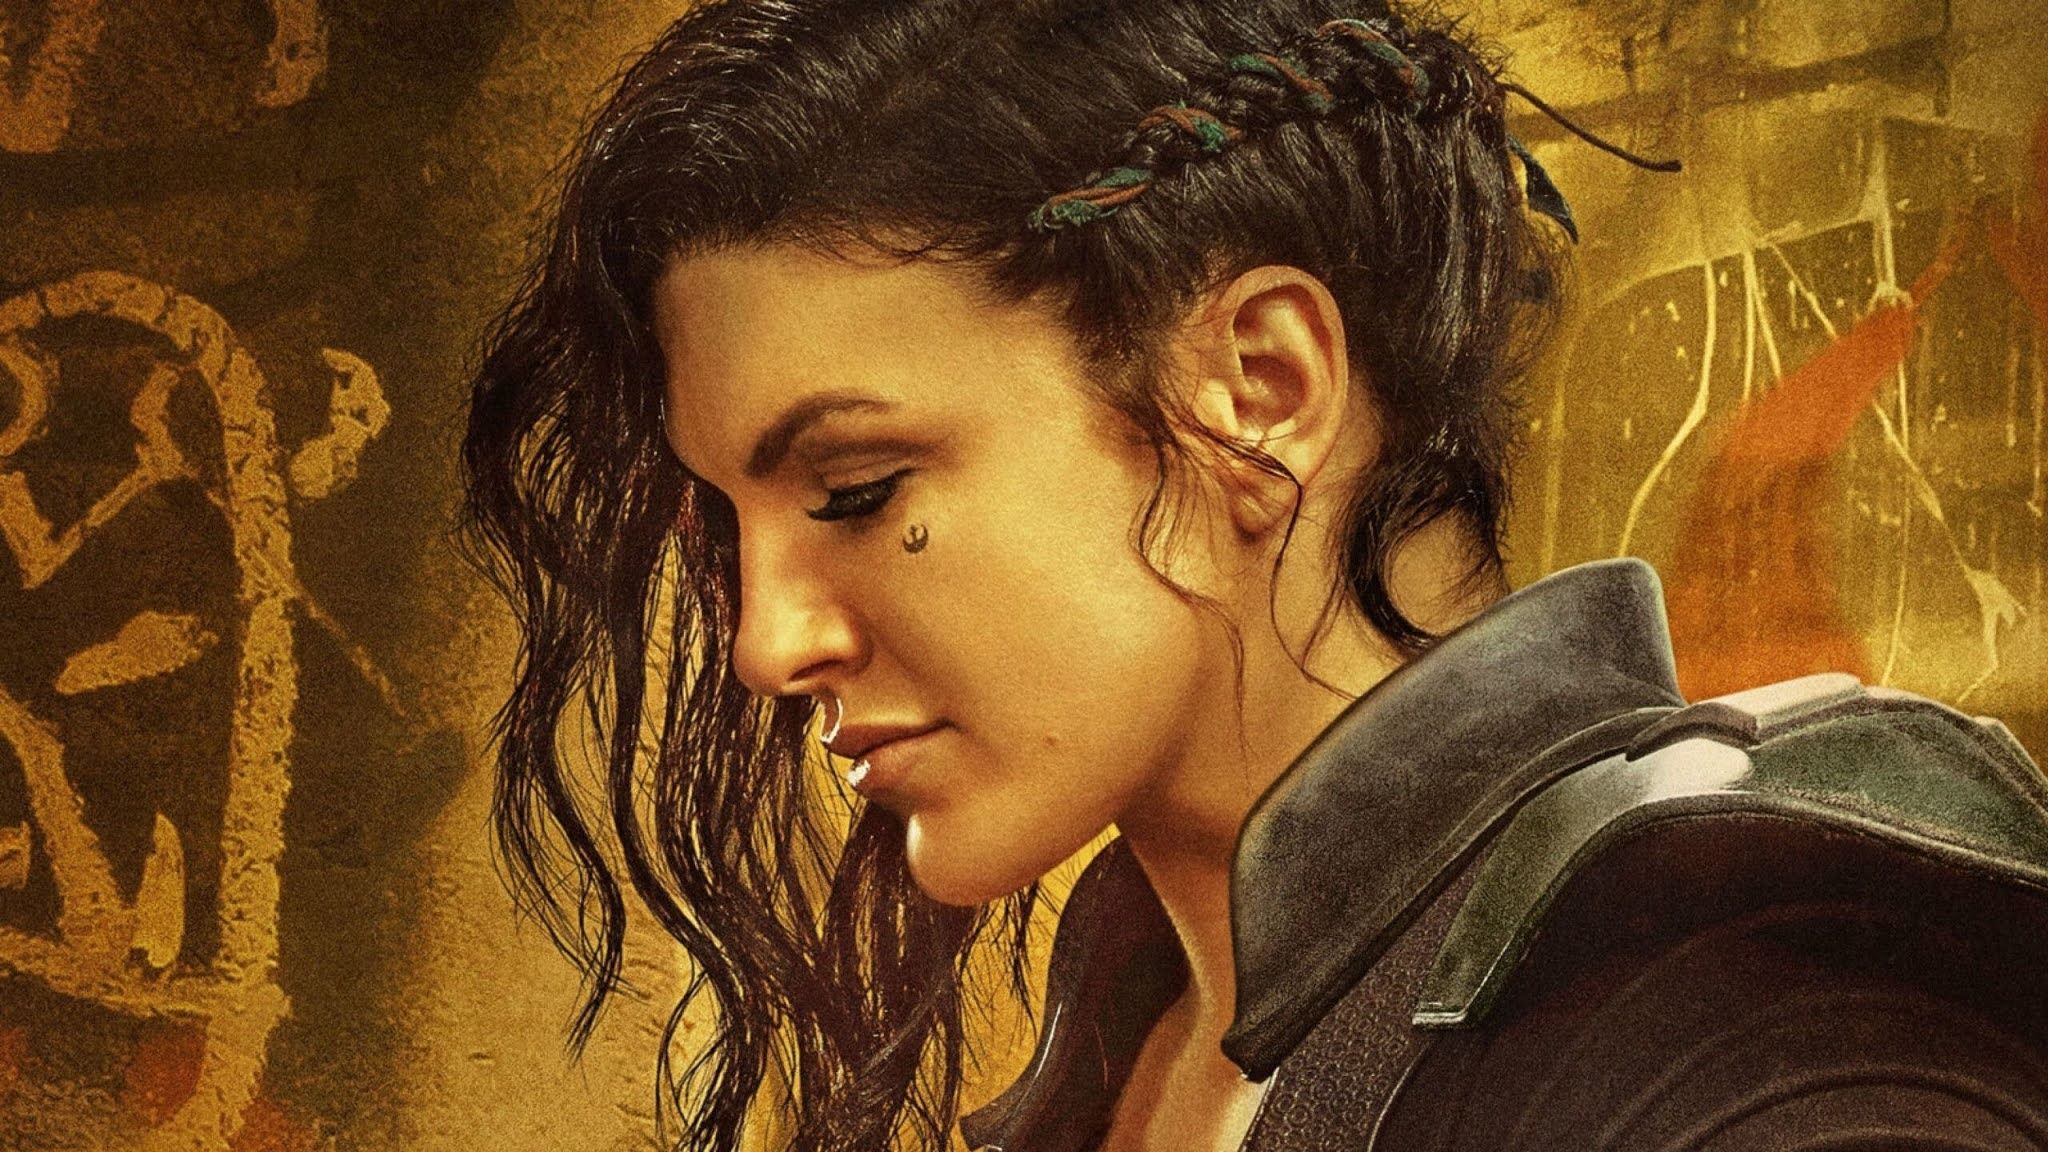 LucasFilm despide a Gina Carano de 'The Mandalorian' por sus comentarios